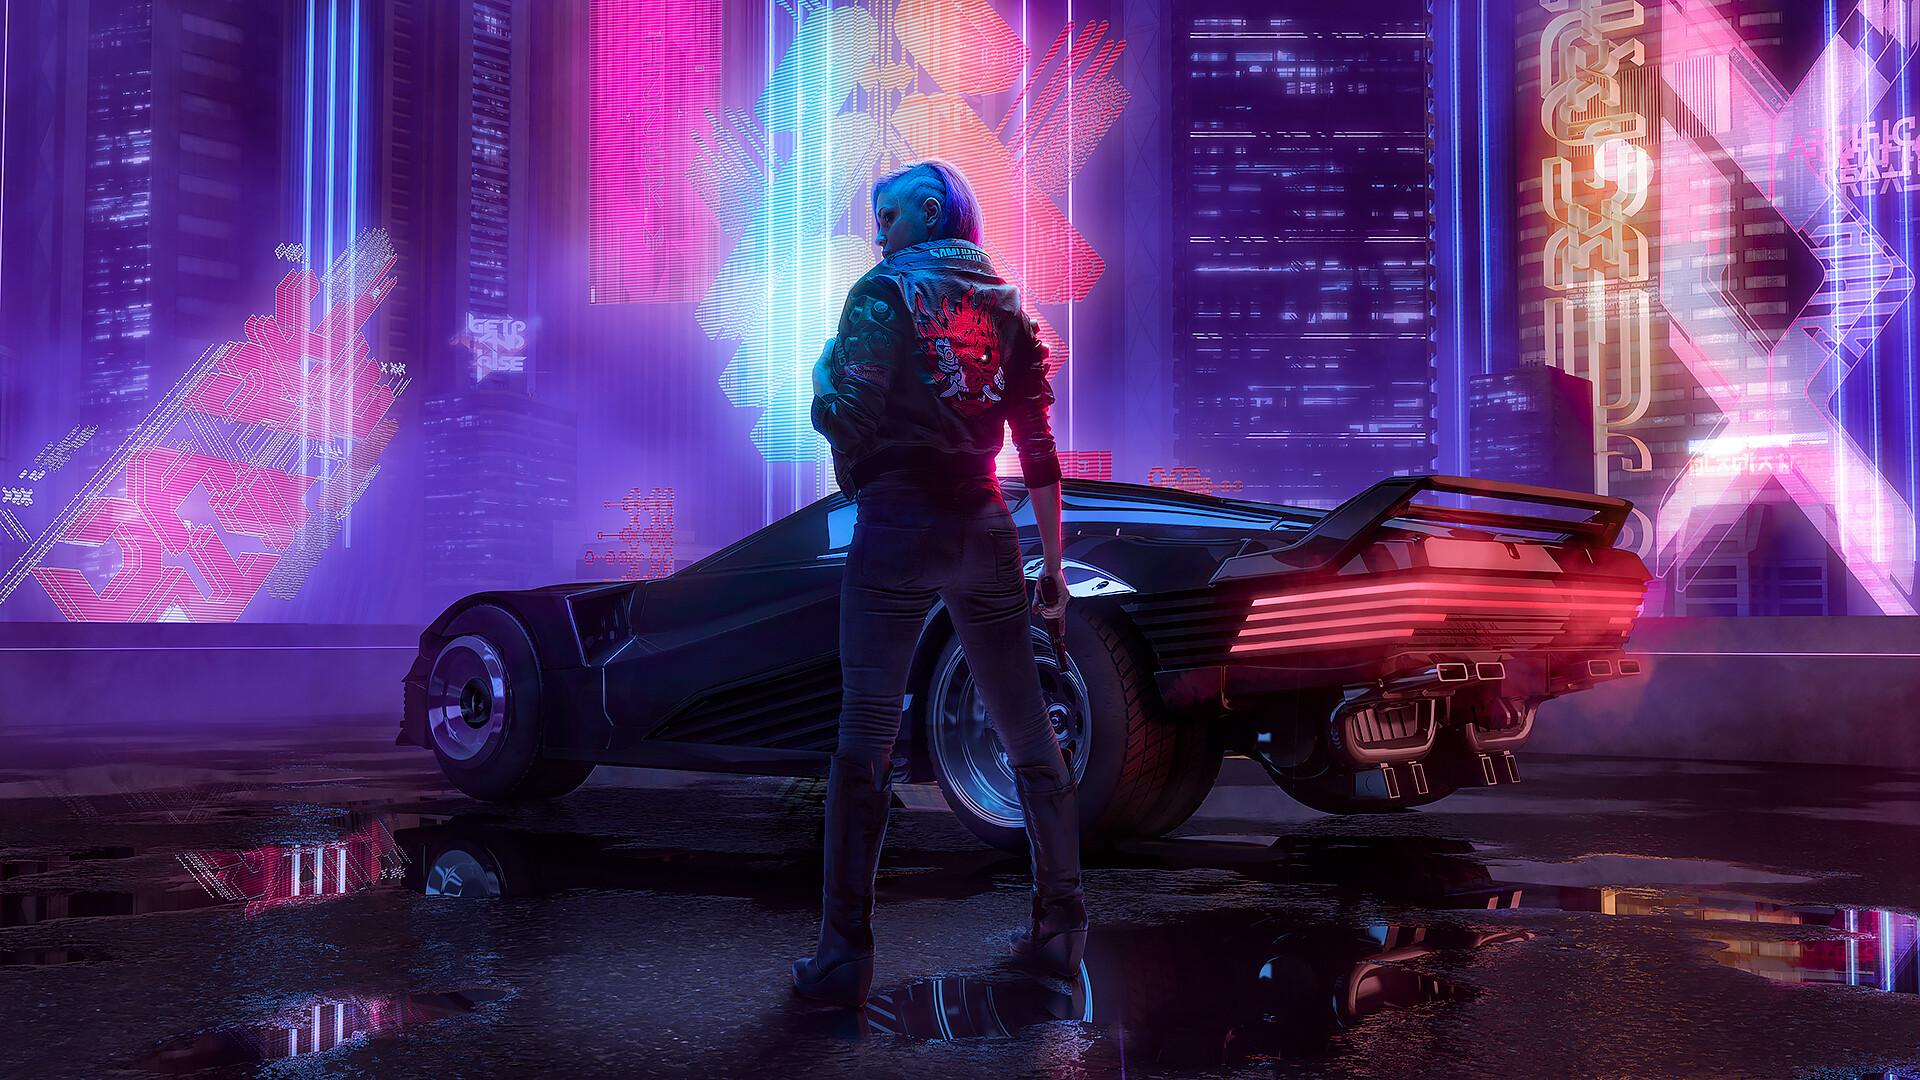 aku-v2s.jpg - Cyberpunk 2077